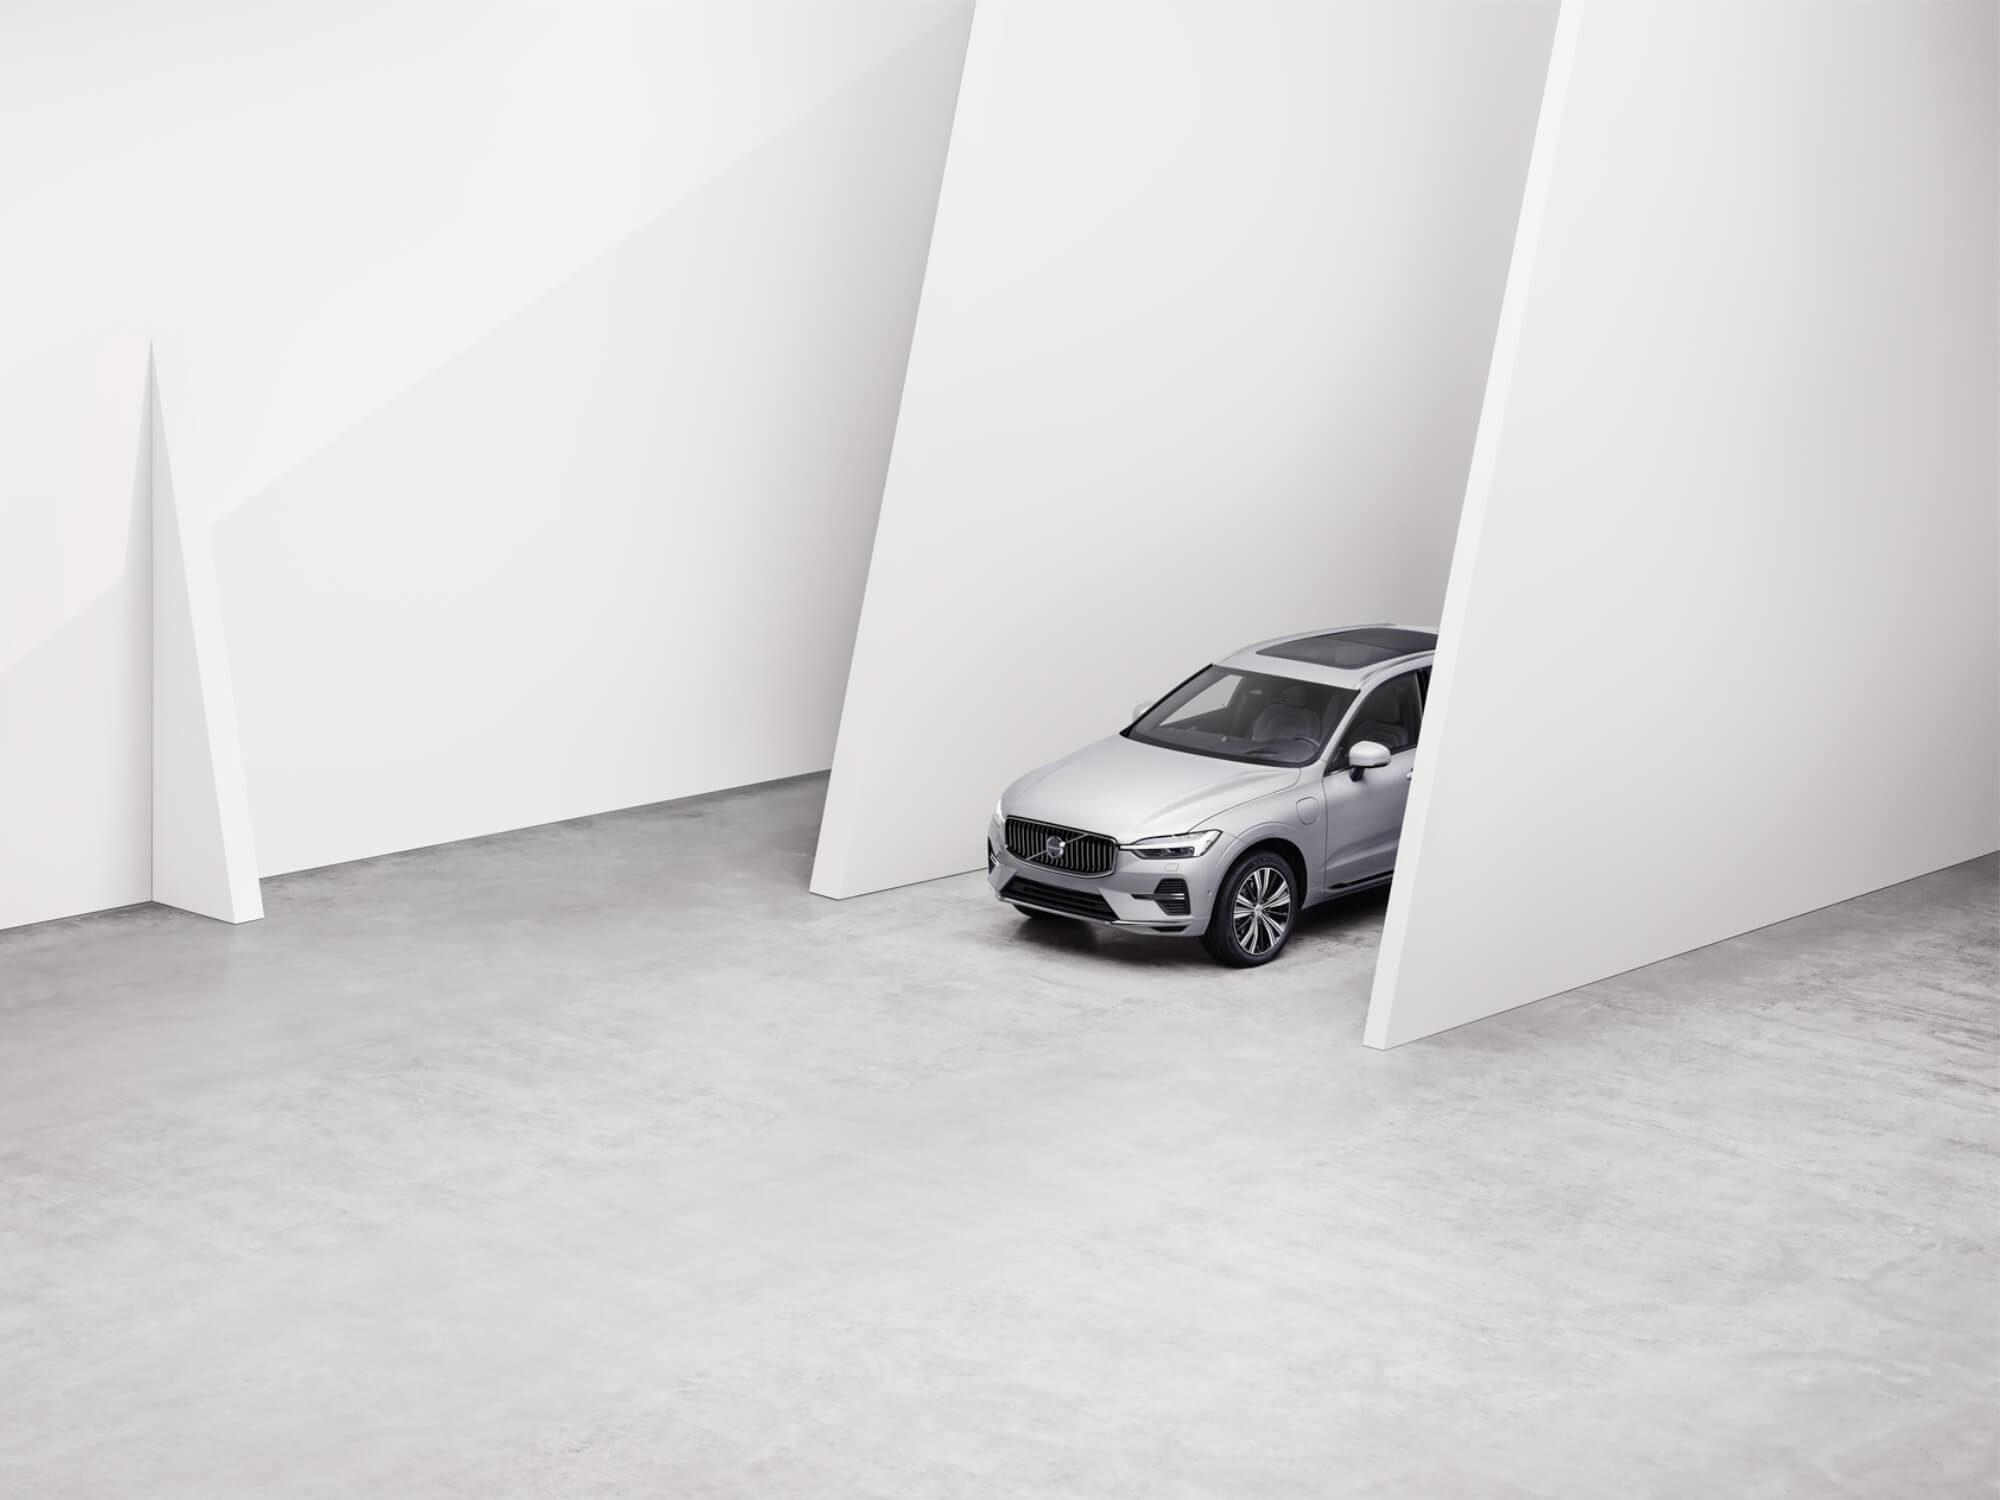 Volvo XC60 Plug-in Hybrid voorkant